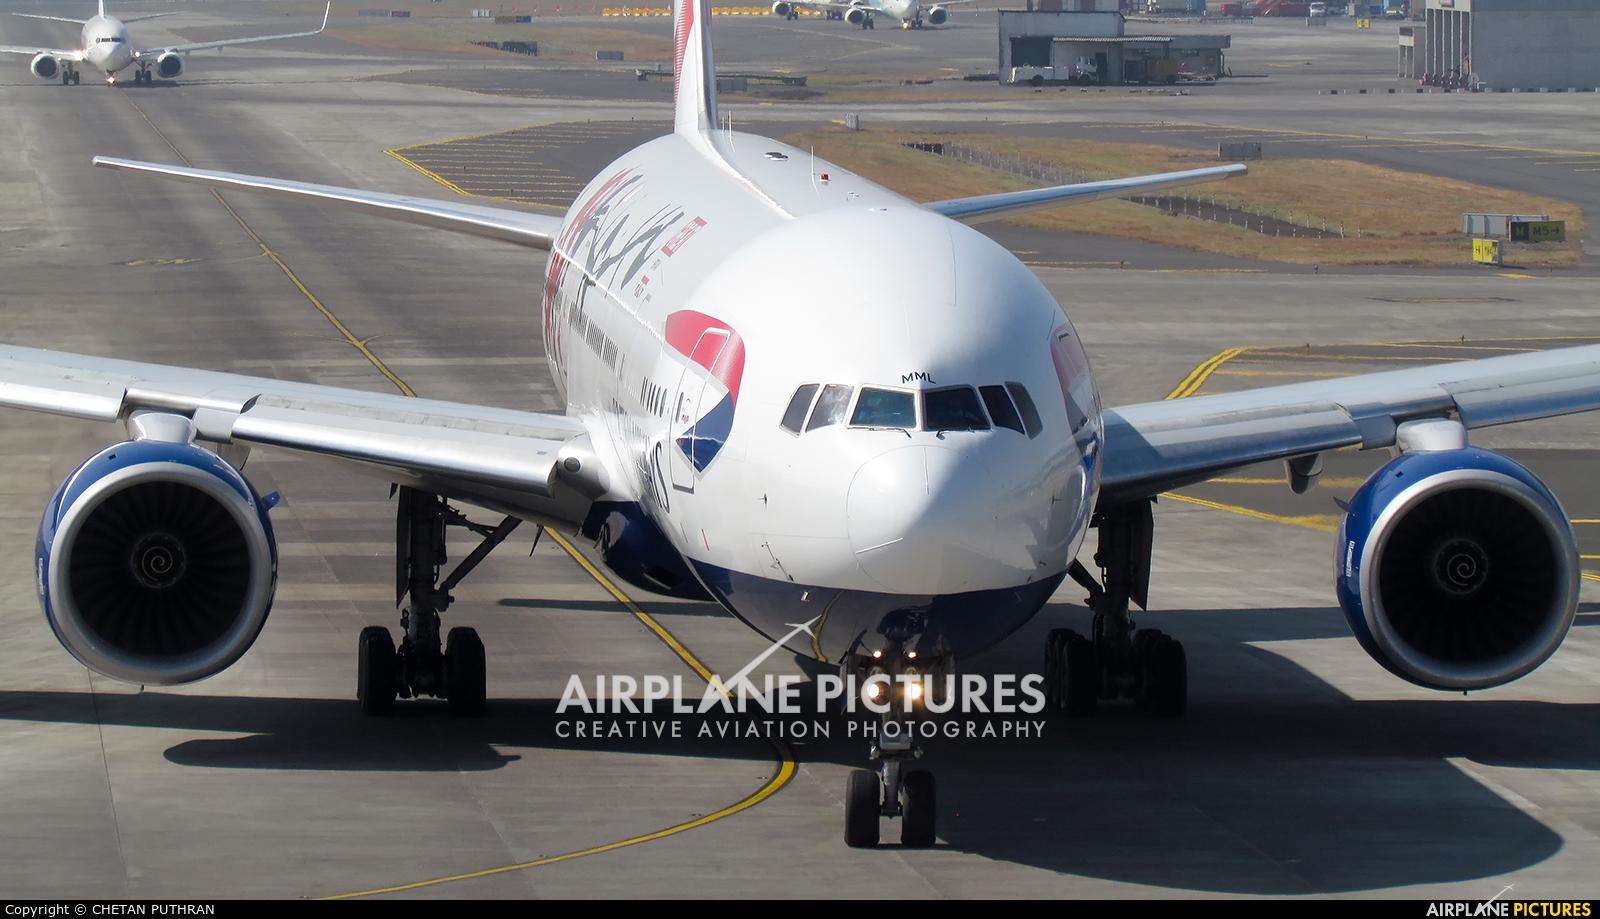 British Airways G-YMML aircraft at Mumbai - Chhatrapati Shivaji Intl